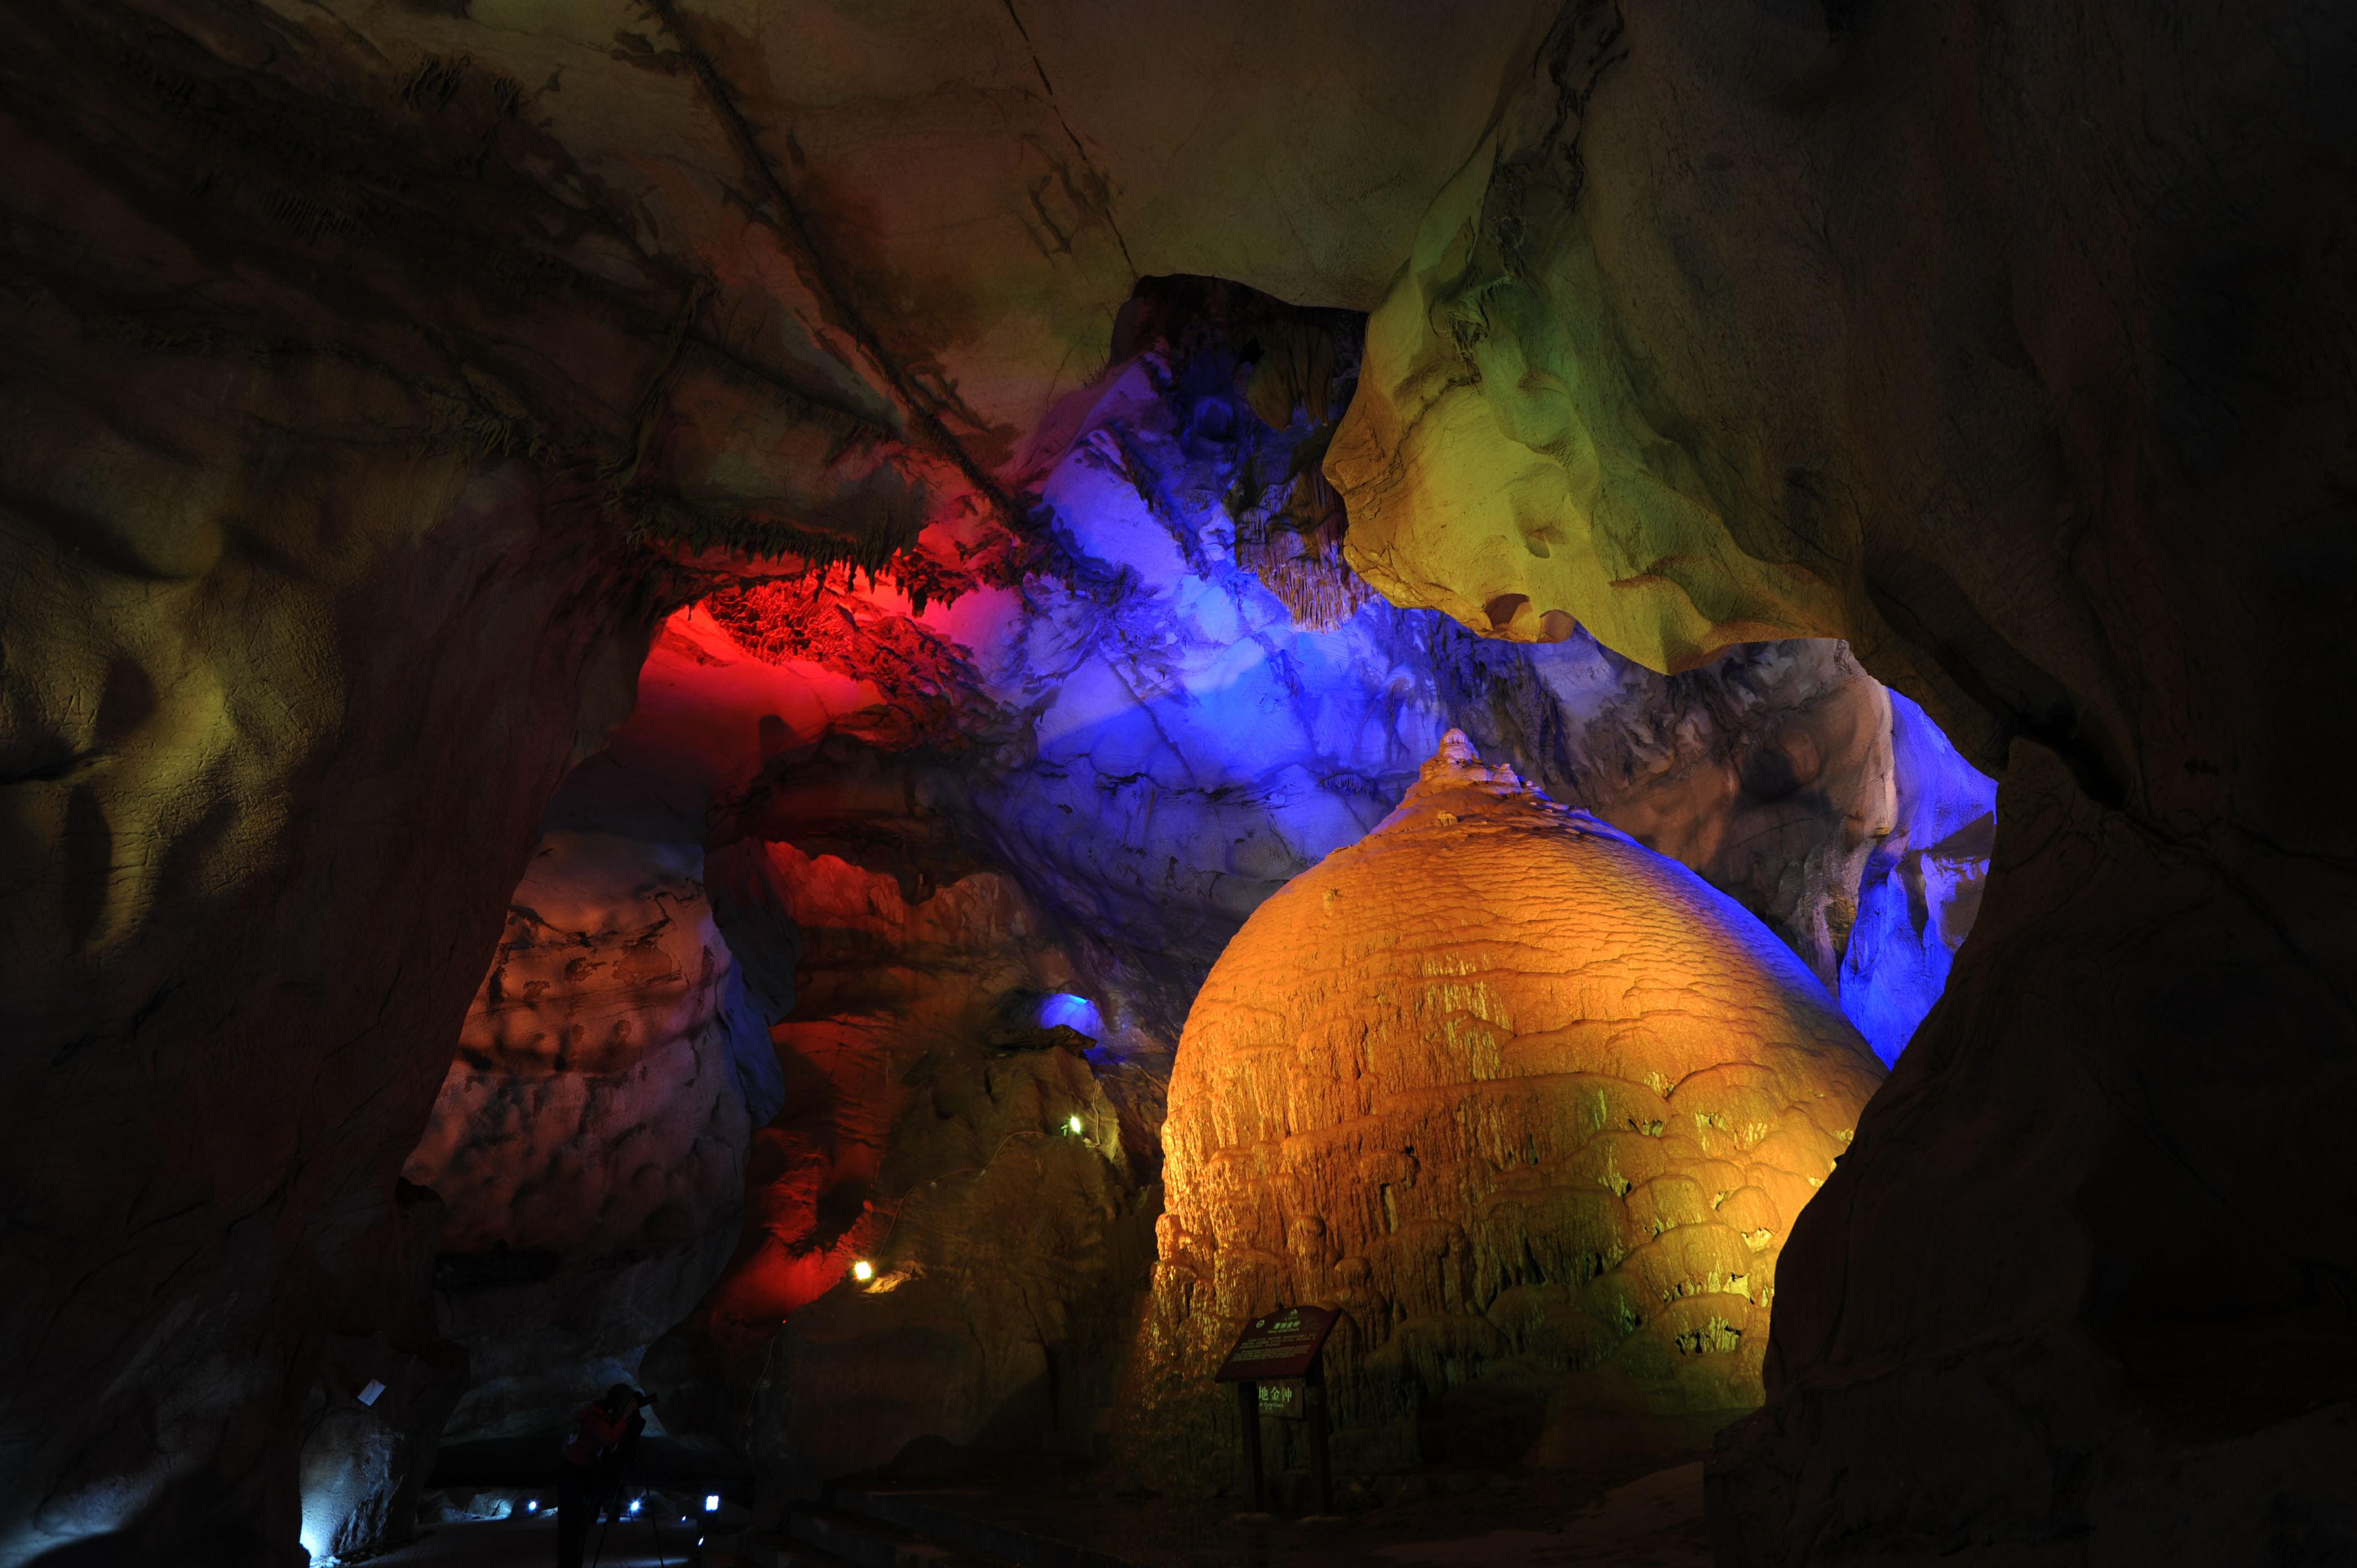 蓬莱仙洞风景区坐落于安徽省池州市石台县仁里镇杜村境内,距县城